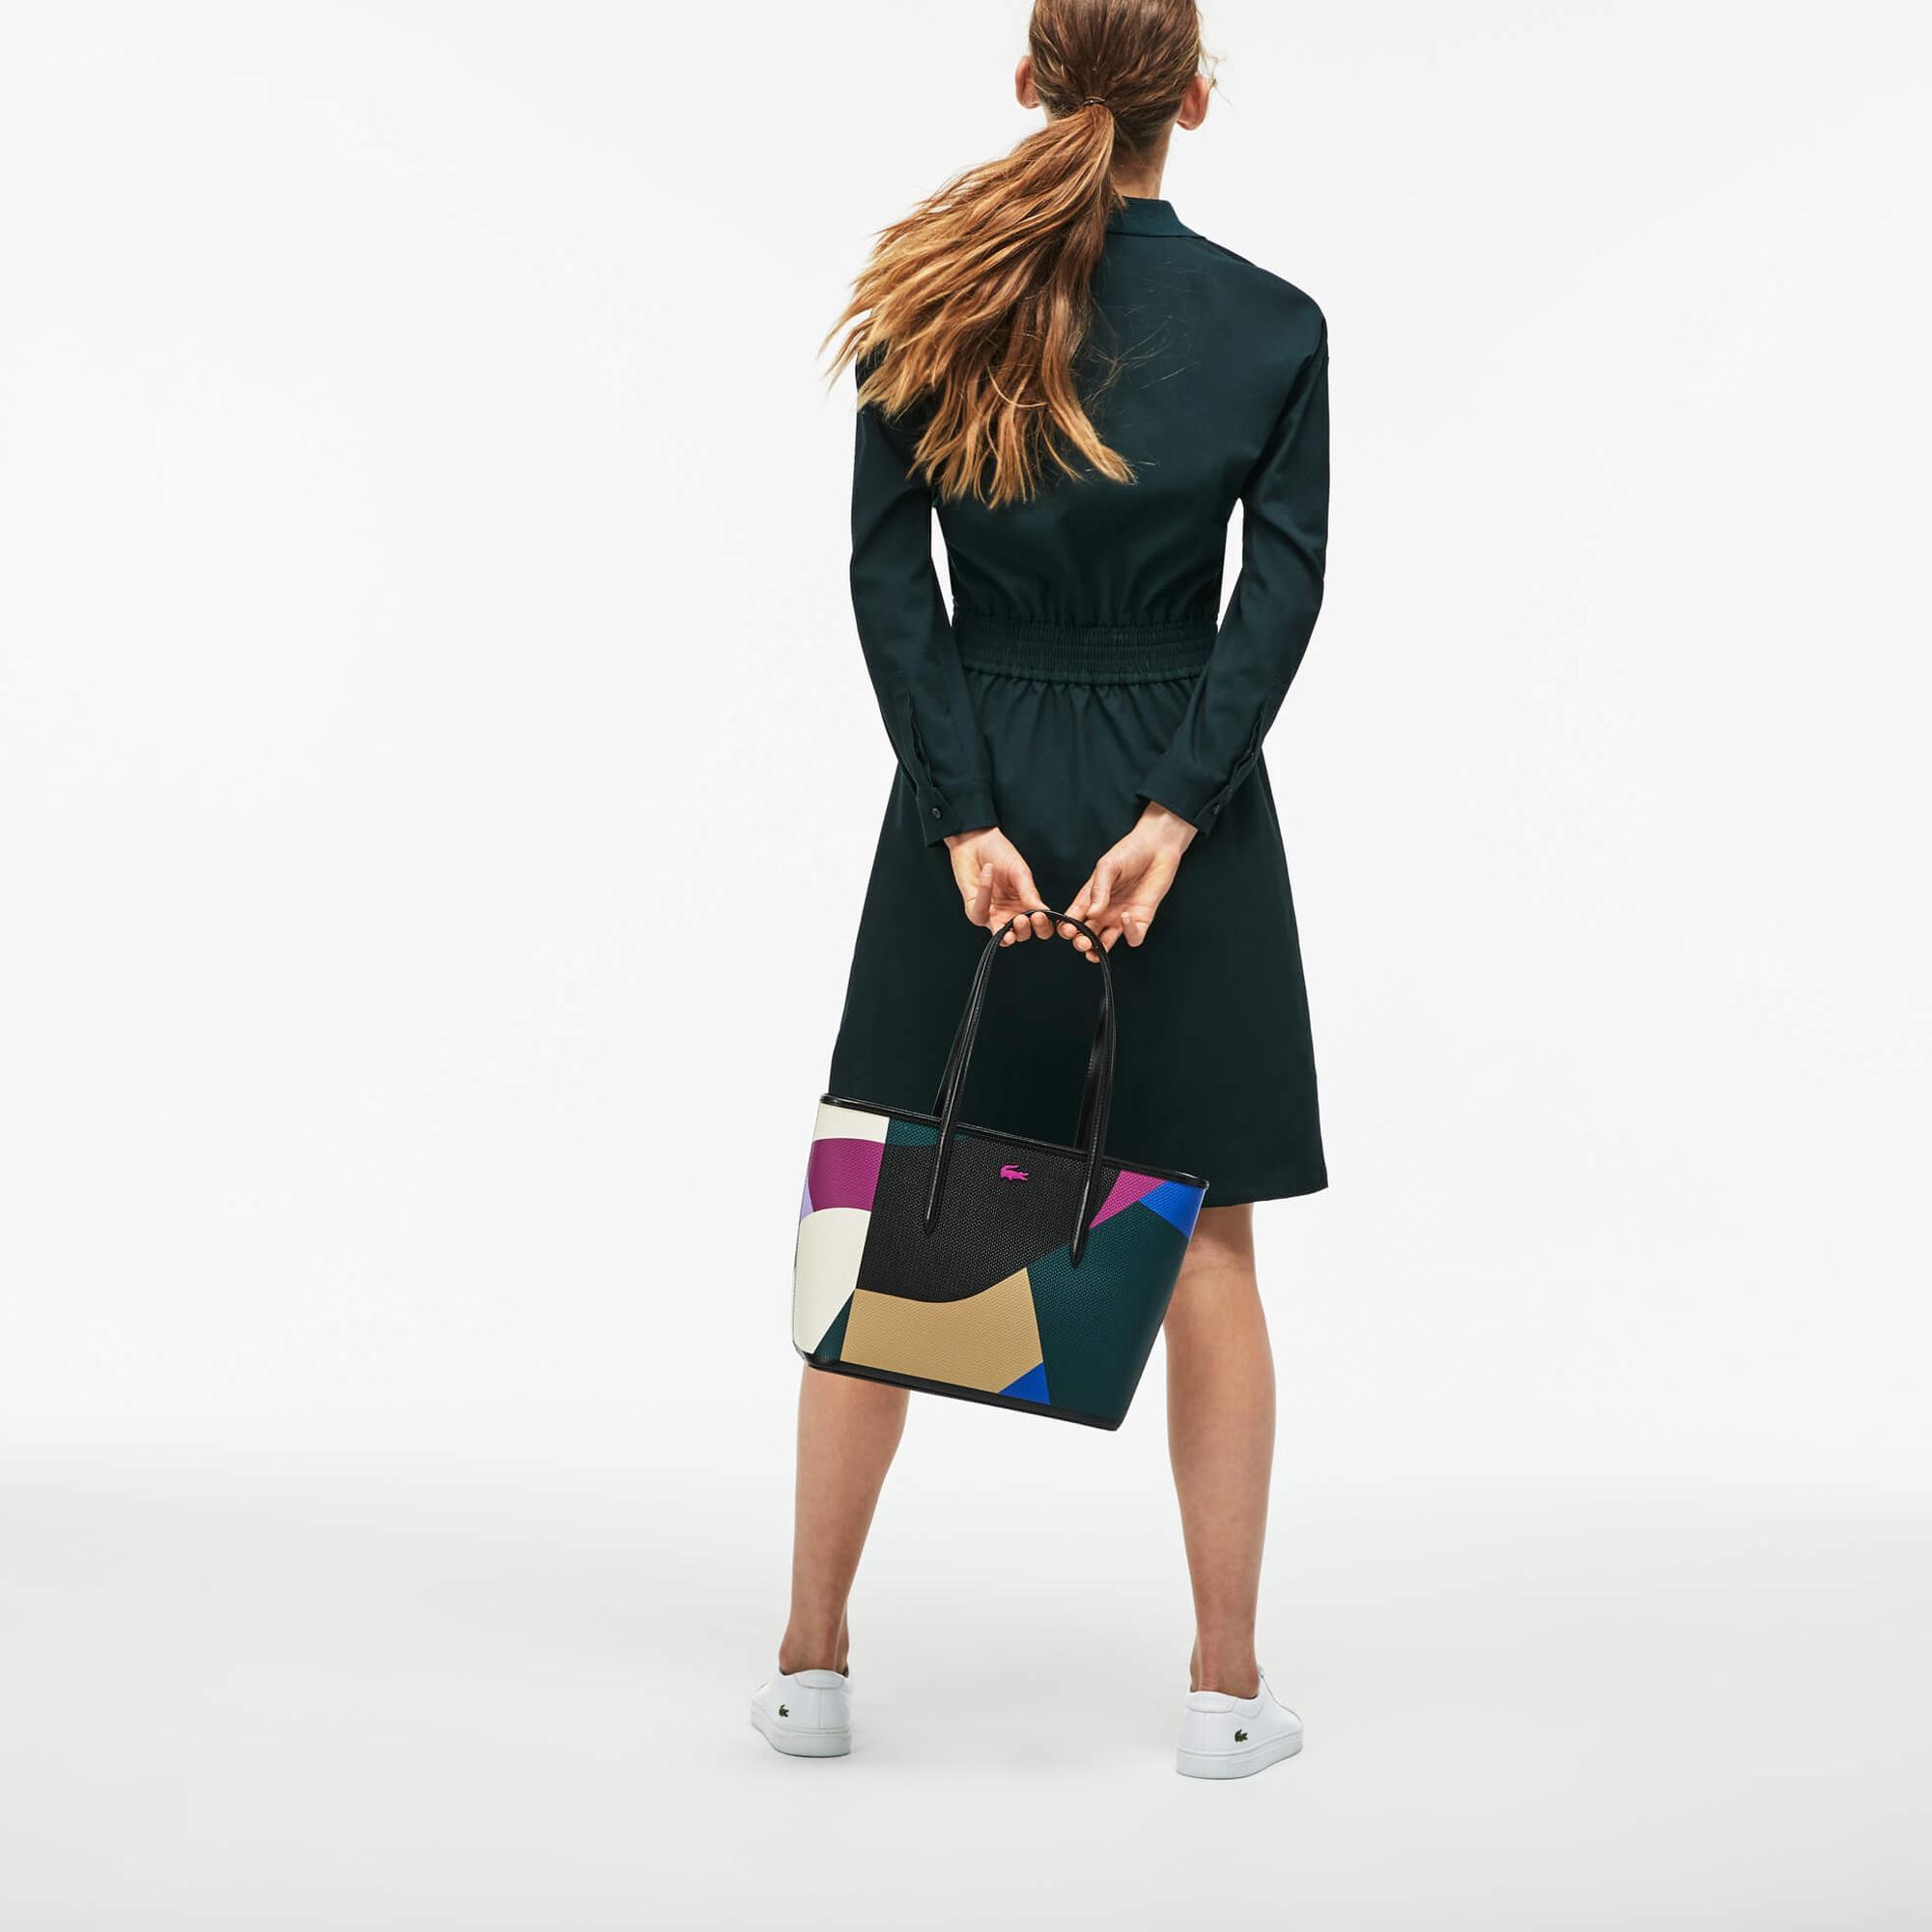 Lacoste Kadın Chantaco Fantaisie Renkli Kol Çantası